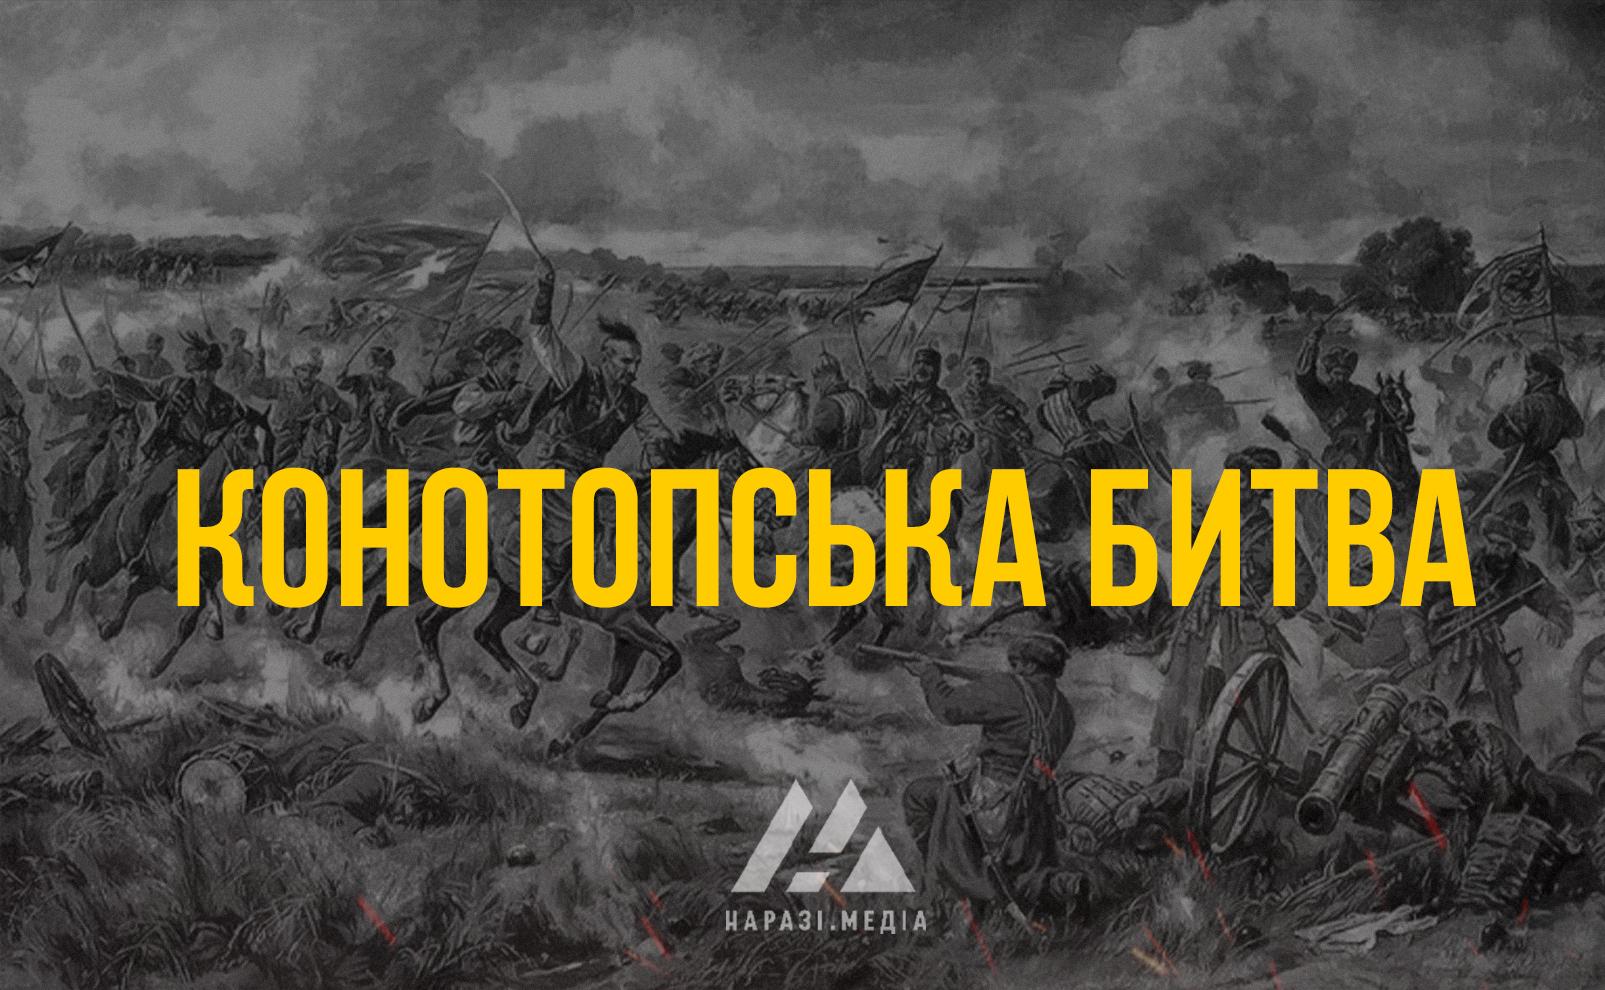 362 роки тому гетьман Іван Виговський переміг московське військо біля Конотопа